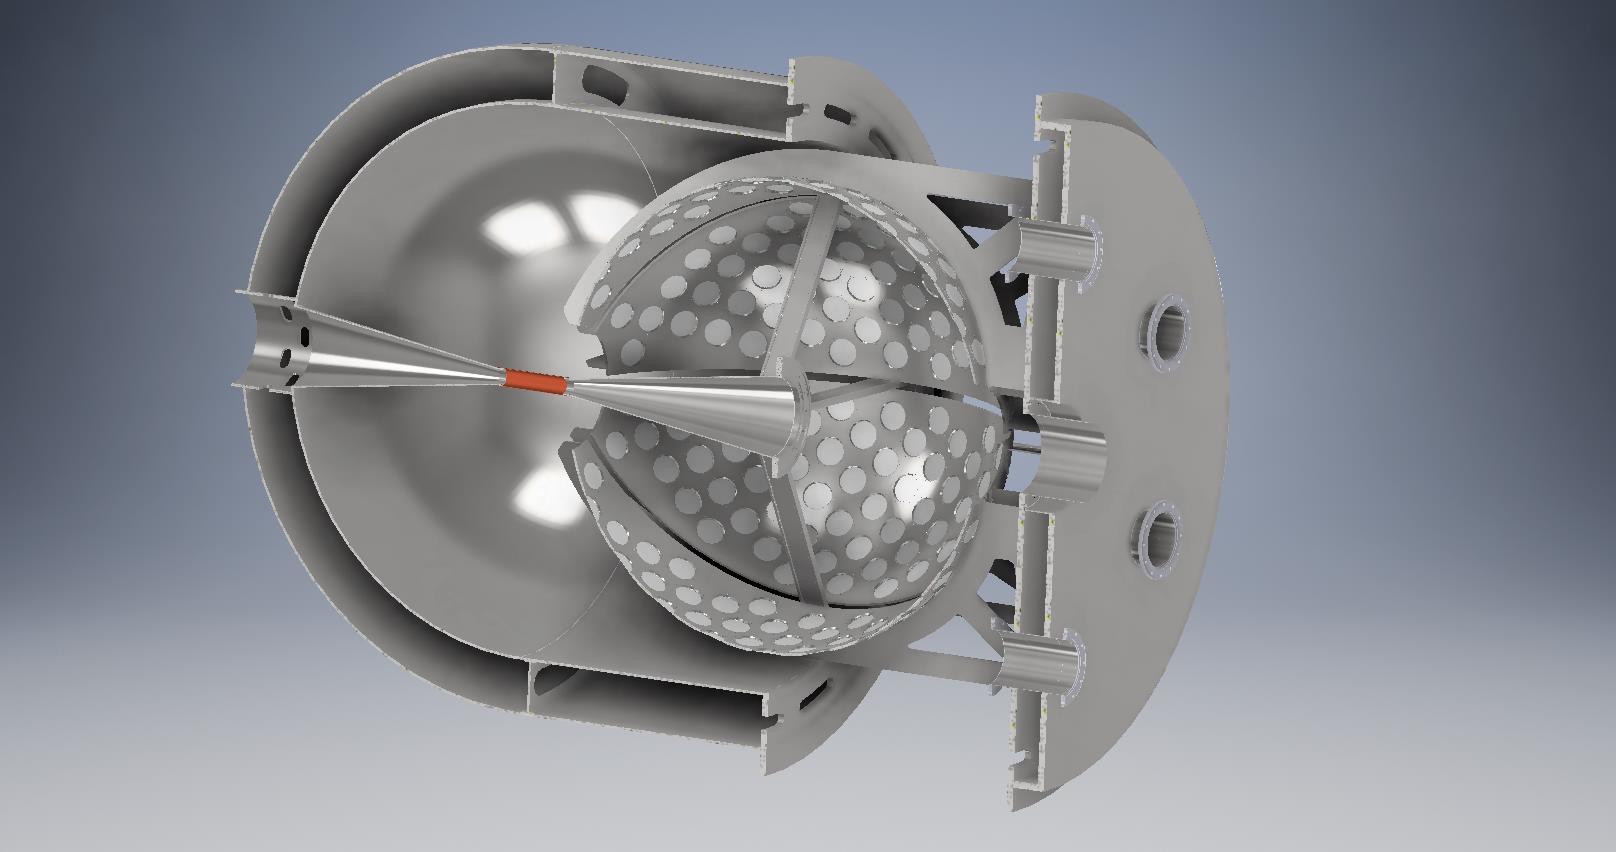 PiENuXe calorimeter concept